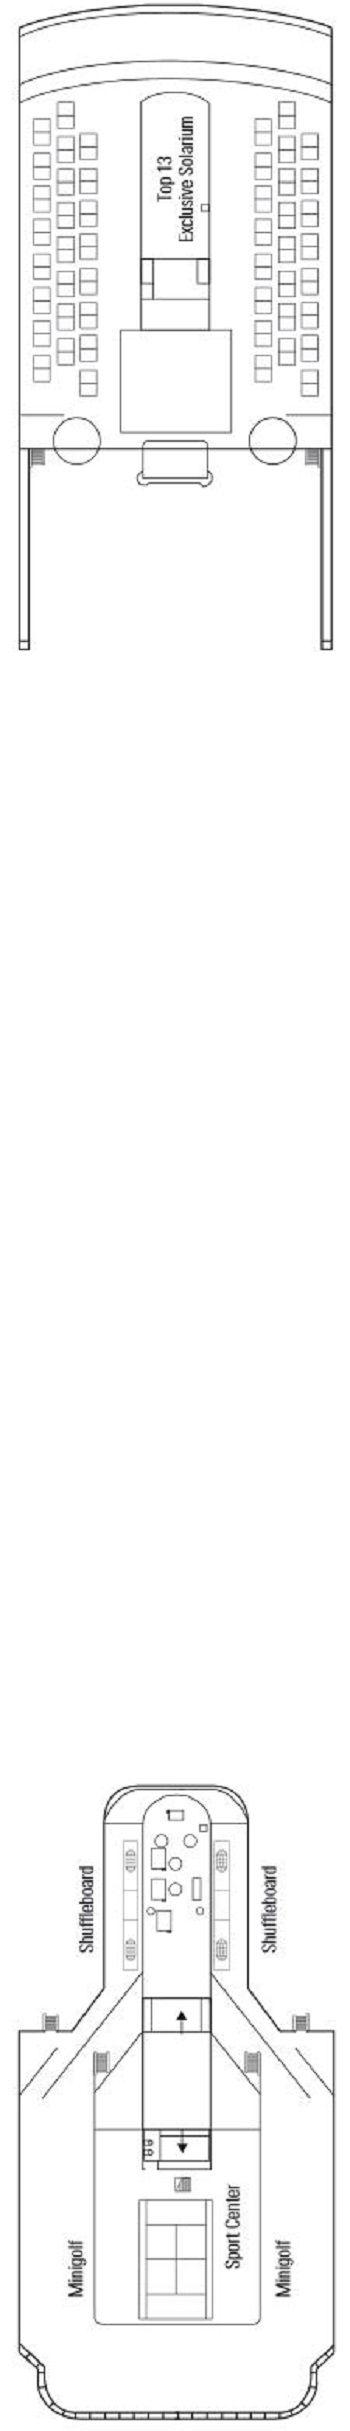 MSC Armonia - Deck Games, Sun Deck